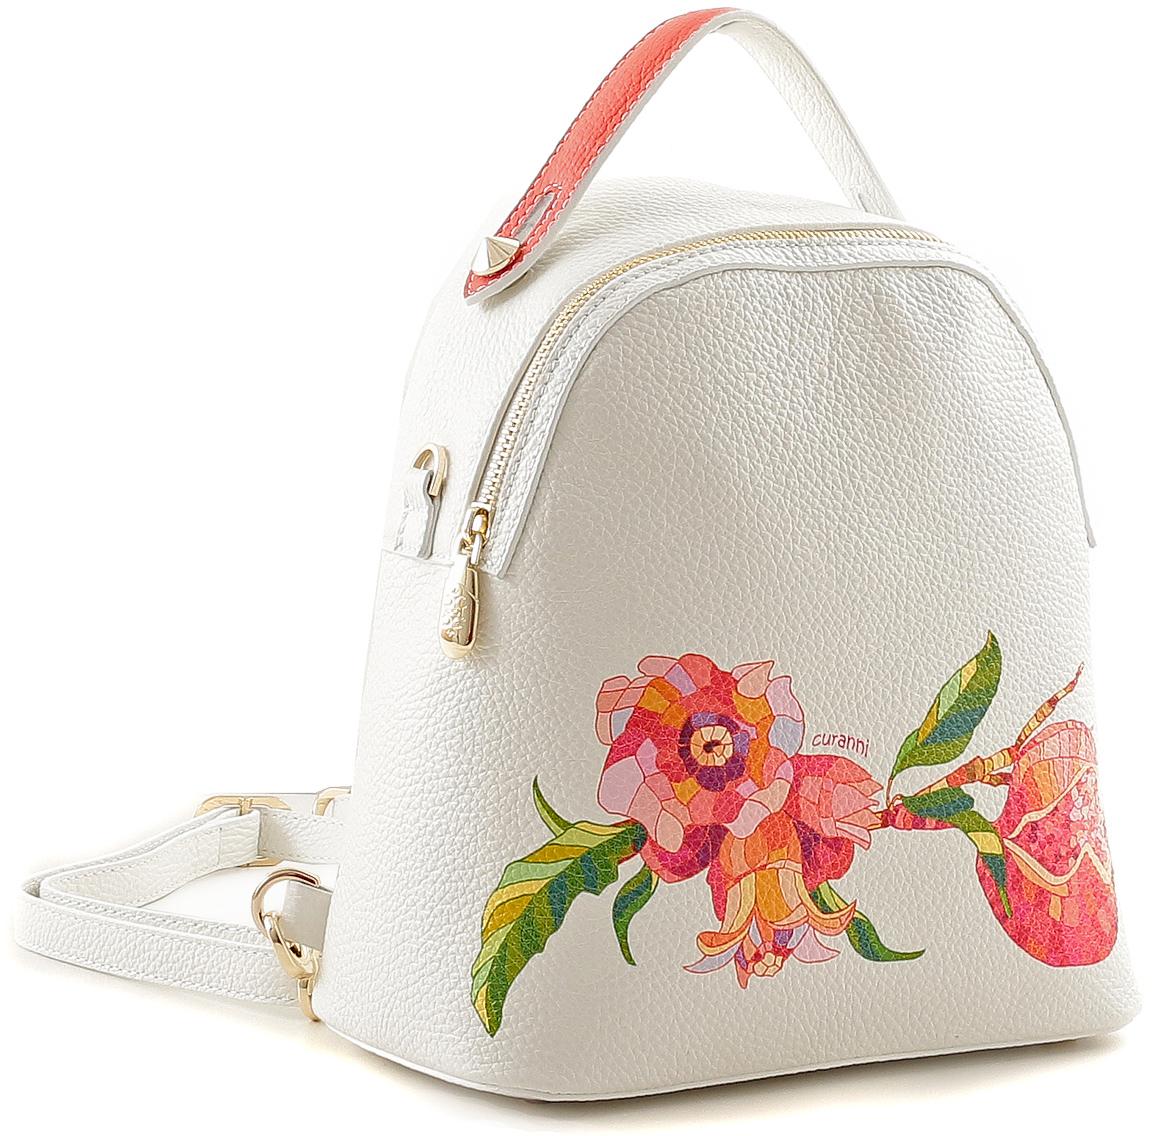 Рюкзак женский Curanni, цвет: молочный. 24782478 Cu стампа матура (рюкзак женский)Стильный рюкзак итальянского бренда Curanni от известной дизайнерской студии Sepani lab, выполнен из натуральной кожи. Станет превосходным дополнением образа на прогулке или в клубе. На лицевой стороне карман на молнии для мелочей. На спинке рюкзака есть потайной карман на молнии.